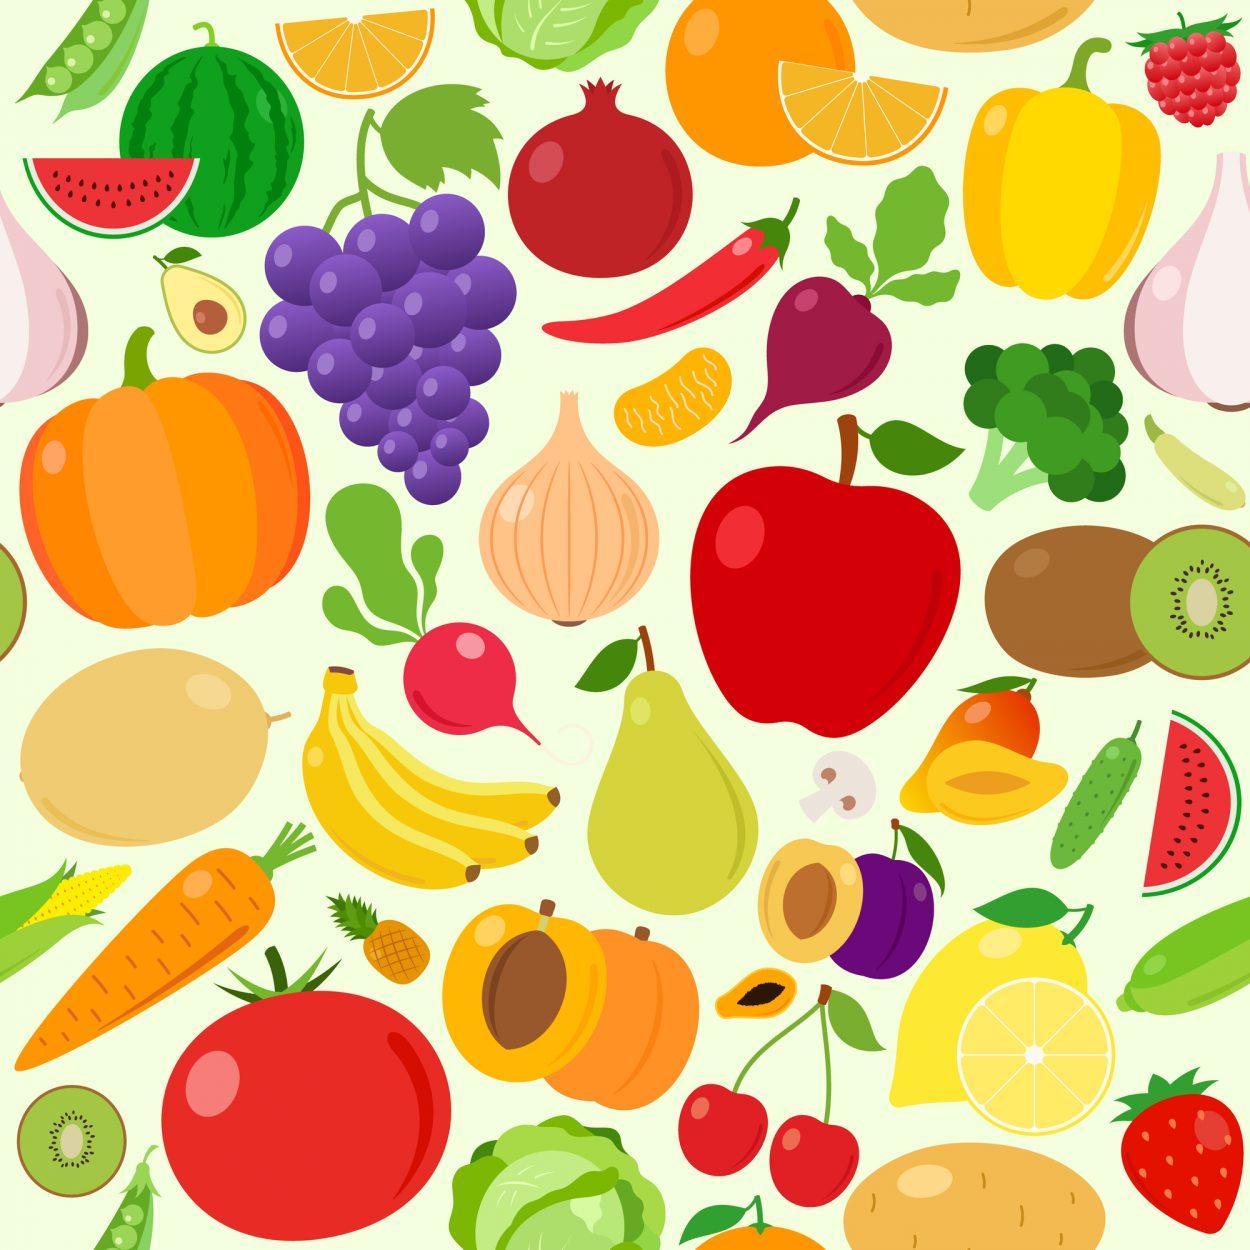 Как иностранец нарынке вРоссии фрукты покупал